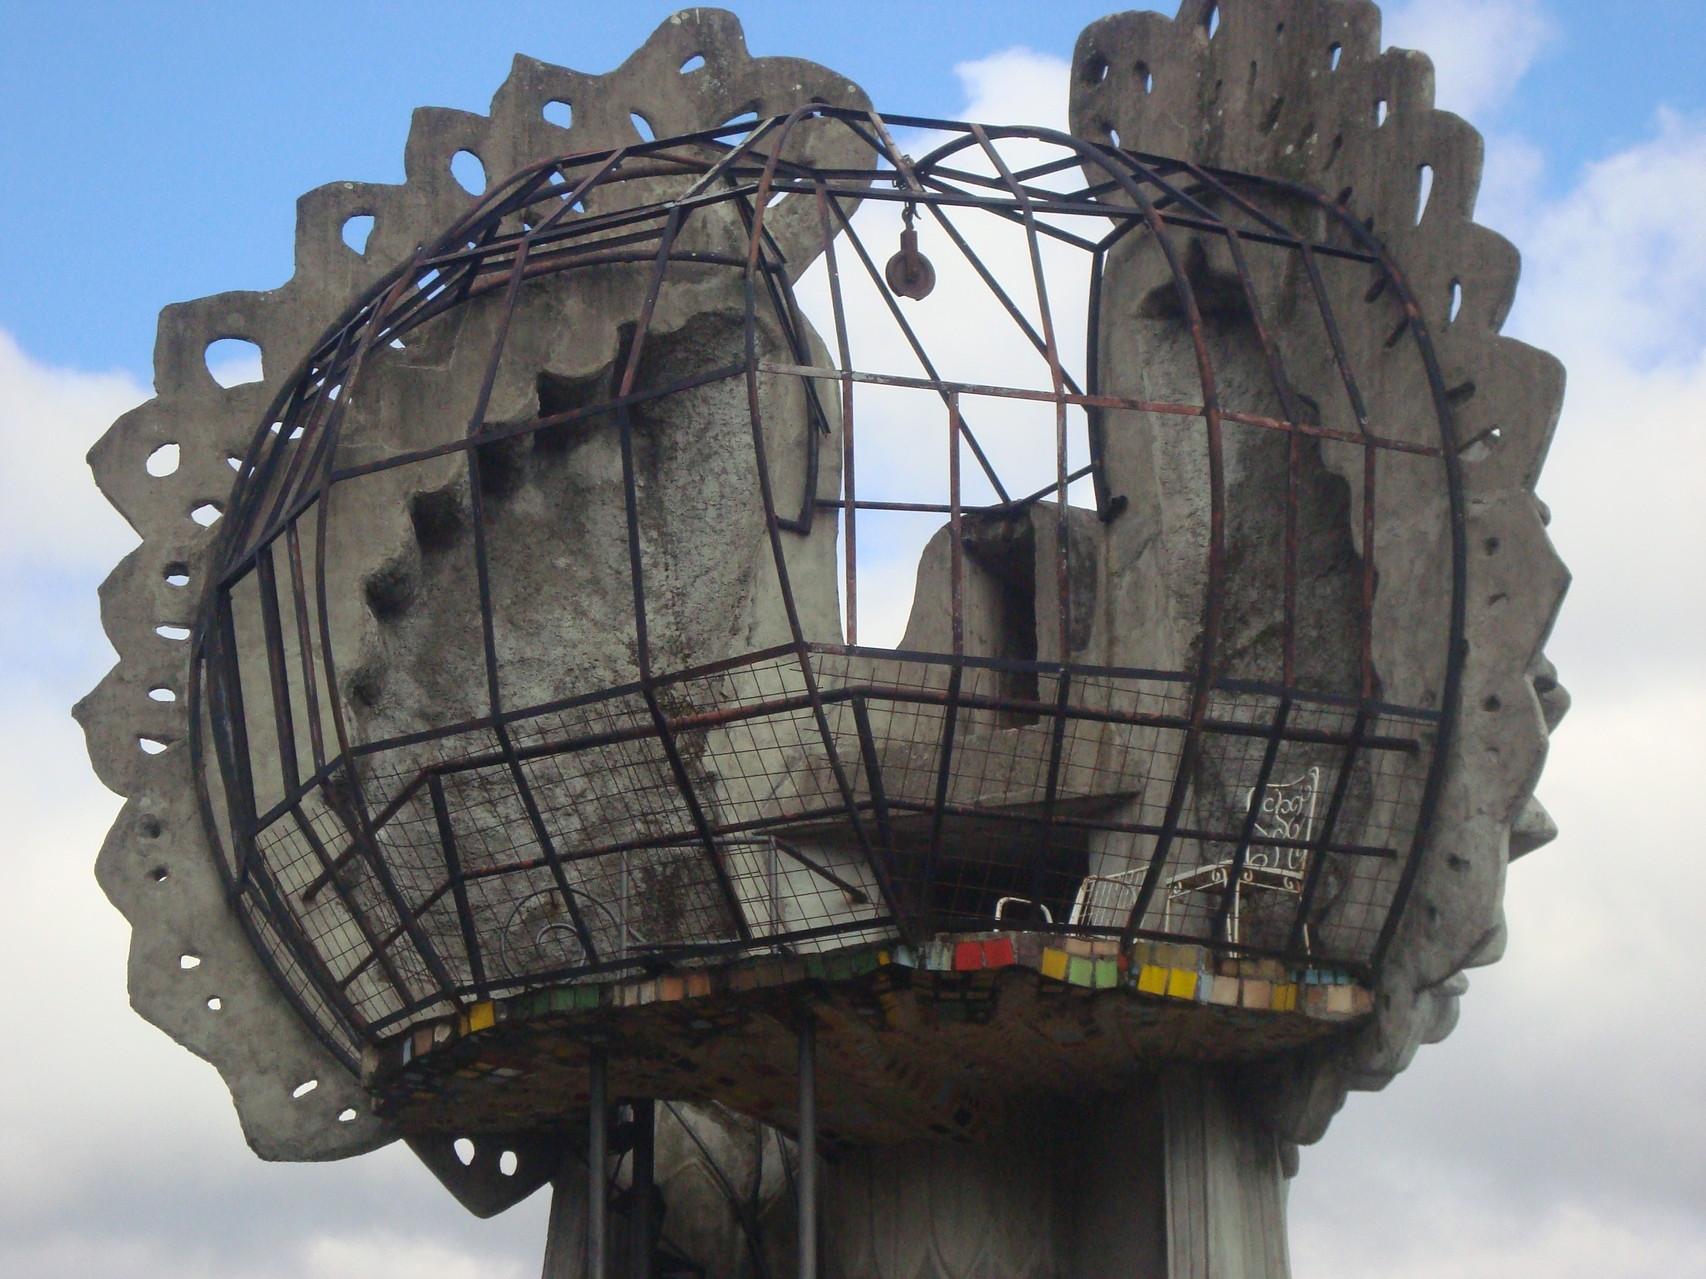 Toranj izbliza